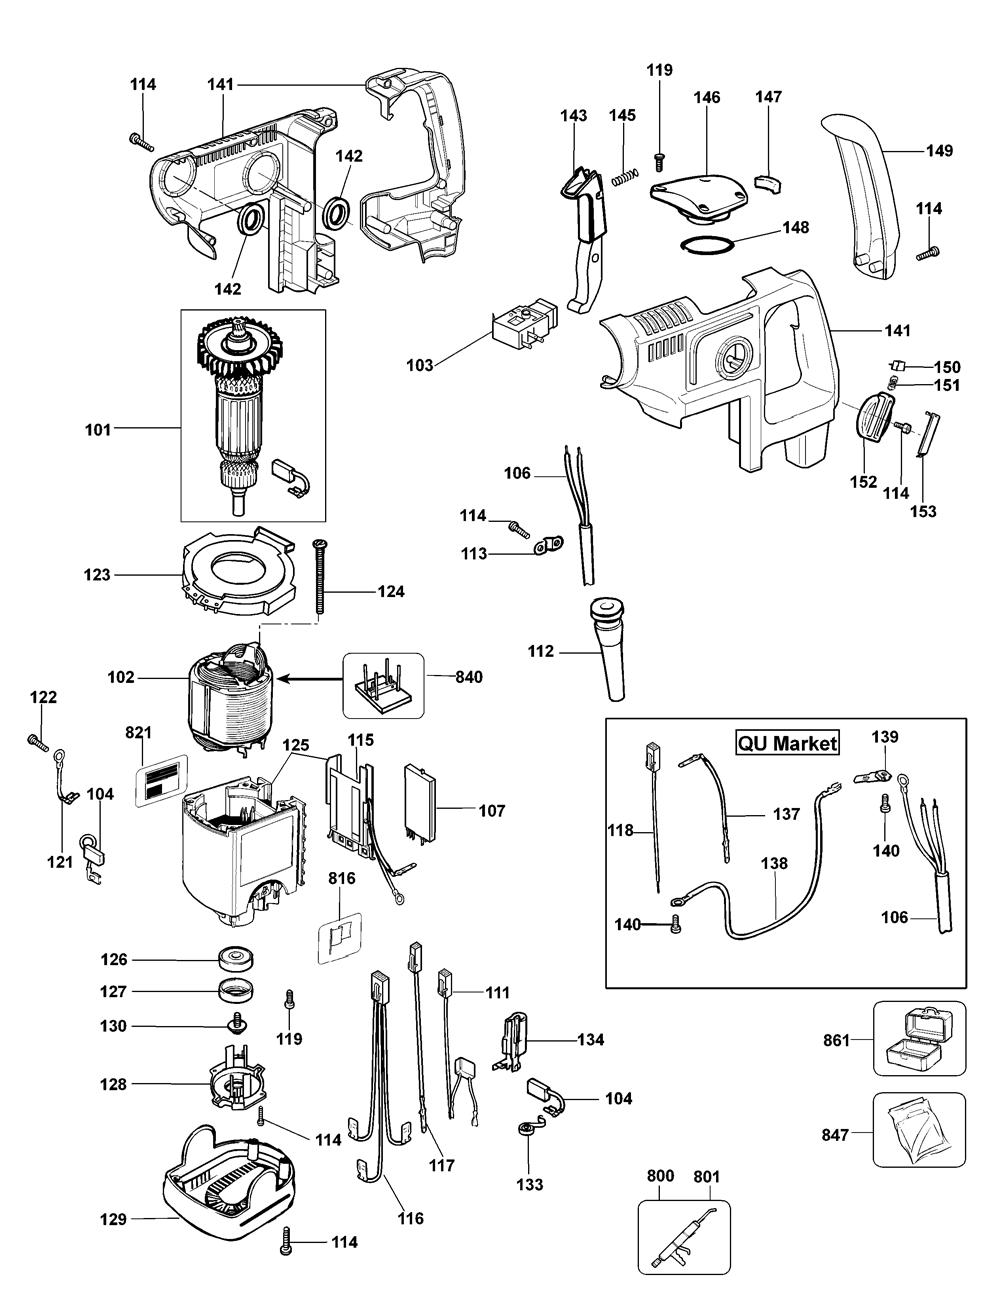 D25405KB3-Dewalt-T1-PB-1Break Down